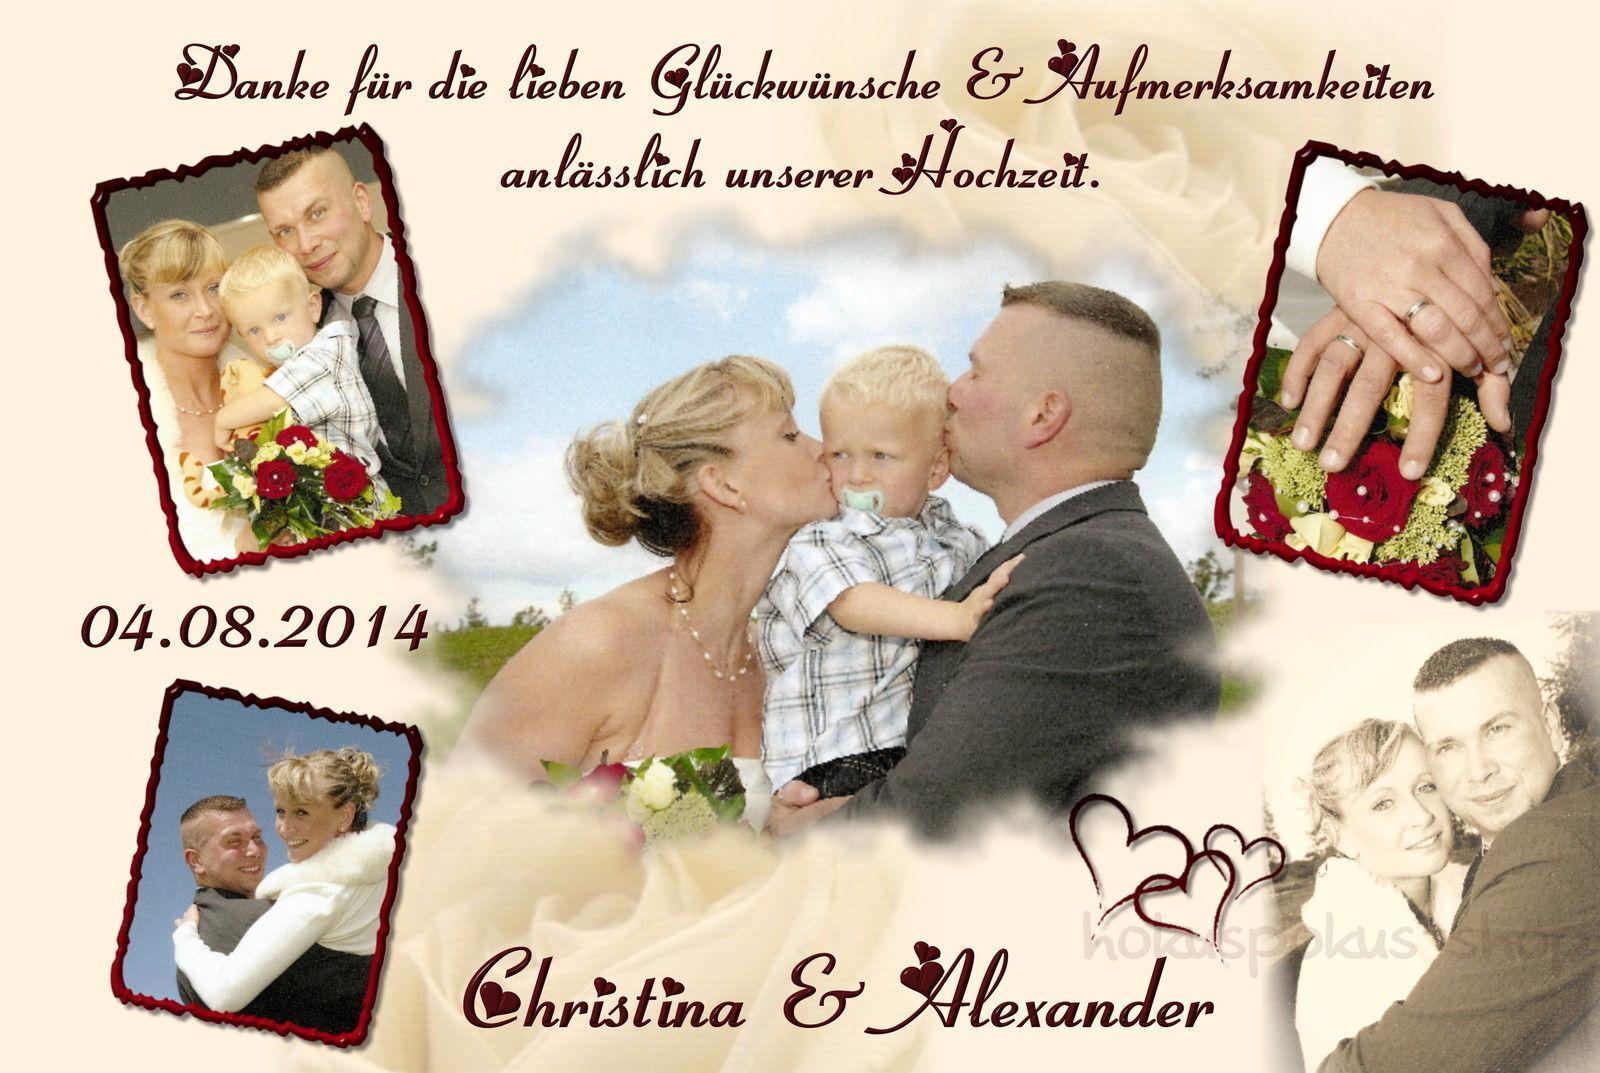 40 Danksagungskarten Hochzeit Danksagungen Fotokarte Hochzeitskarte Danke Foto  | Vorzugspreis  | Wunderbar